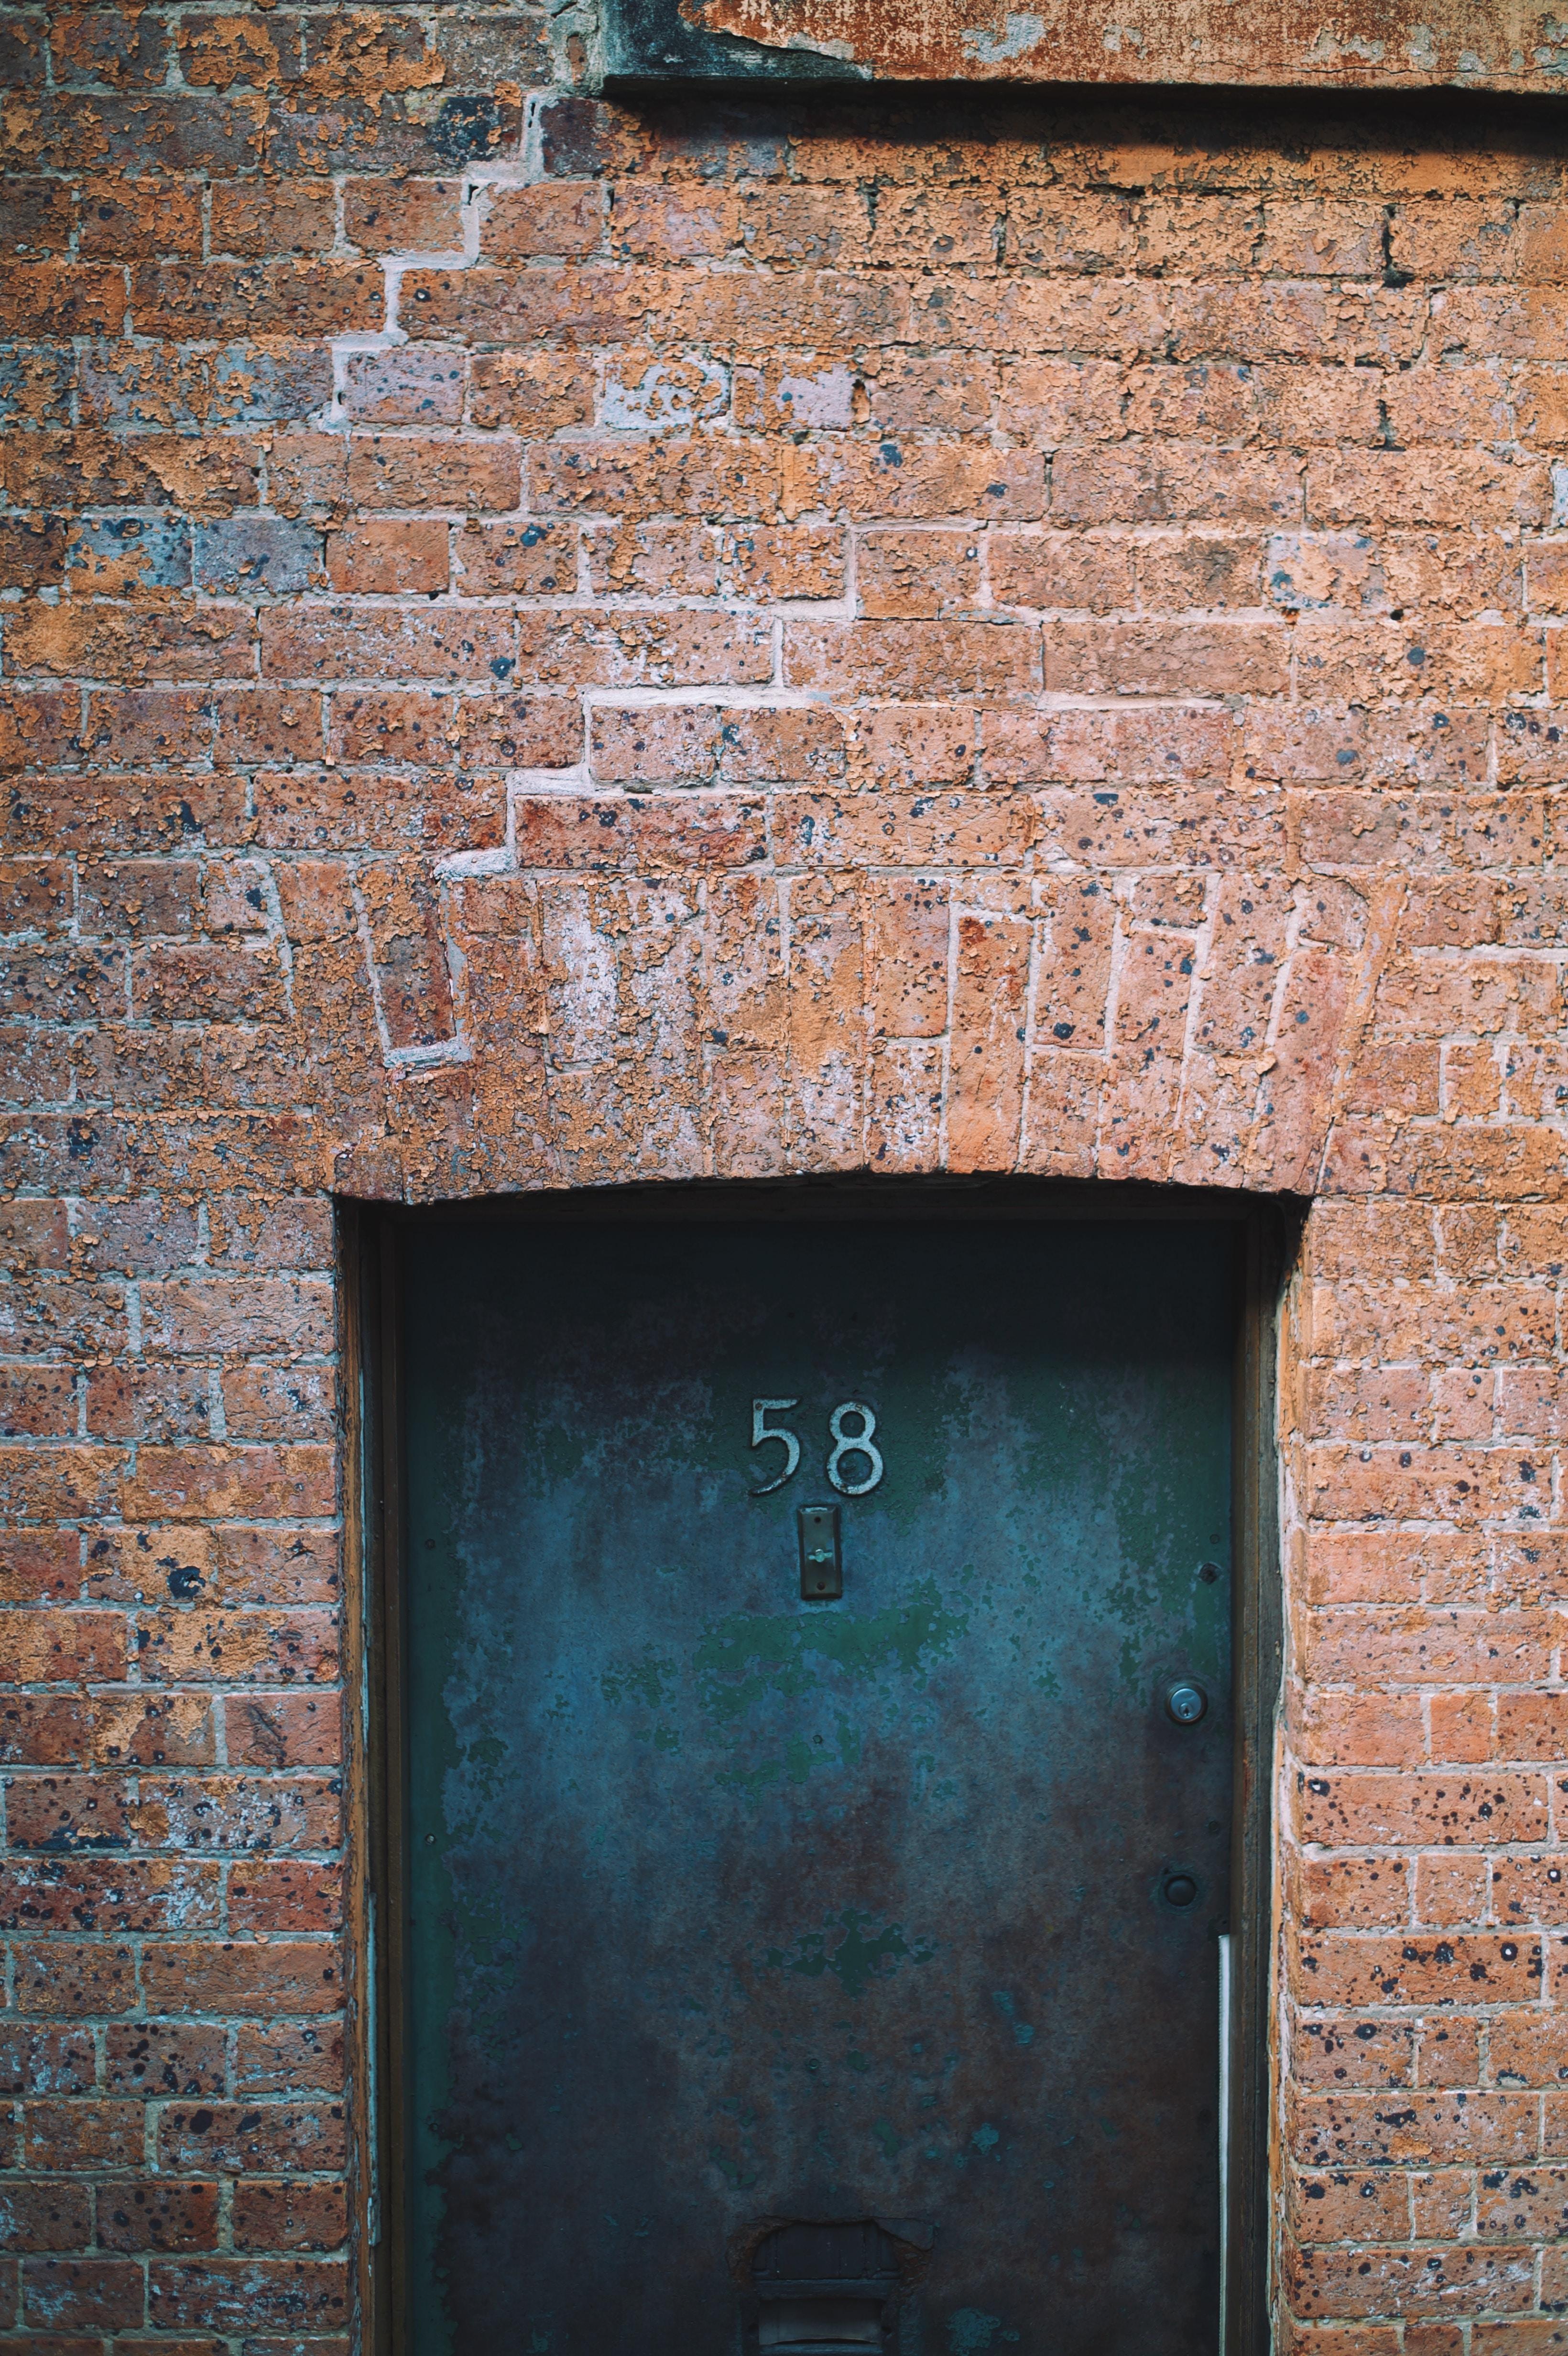 number 58 black door